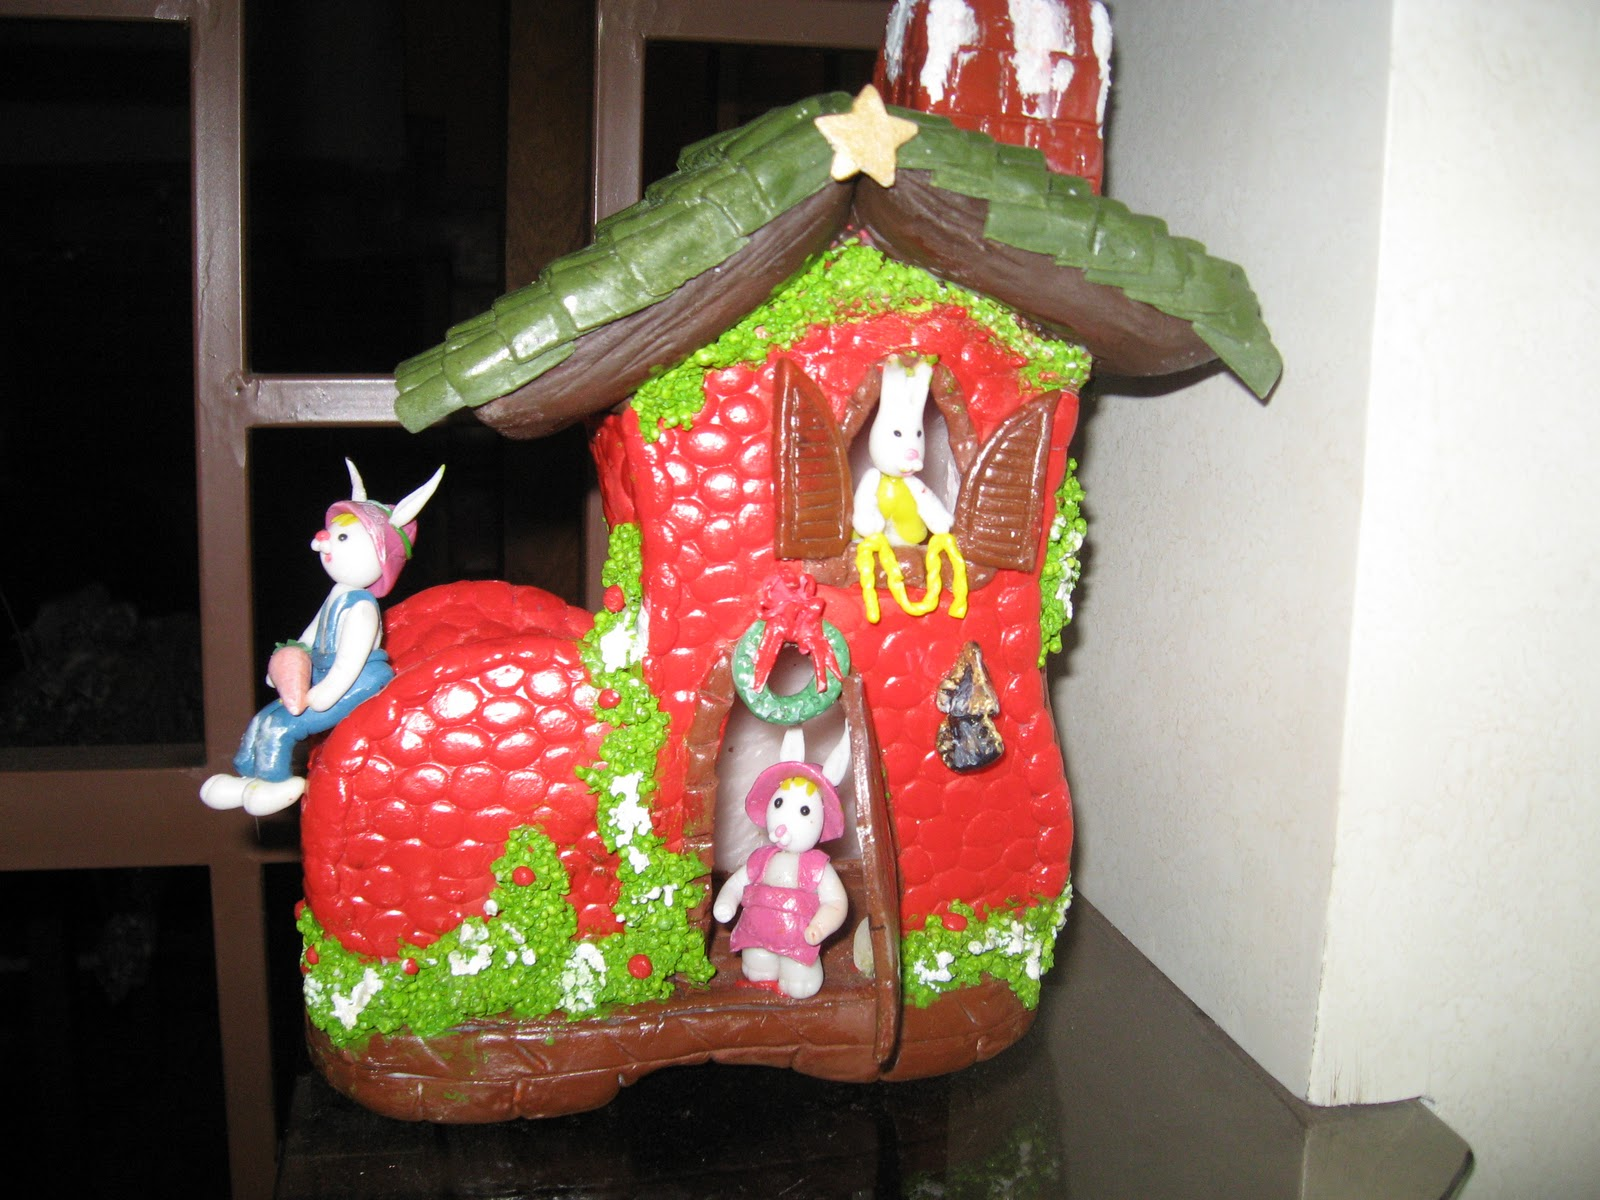 Manualidades decoraciones de porcelana en frio - Decoraciones navidenas manualidades ...